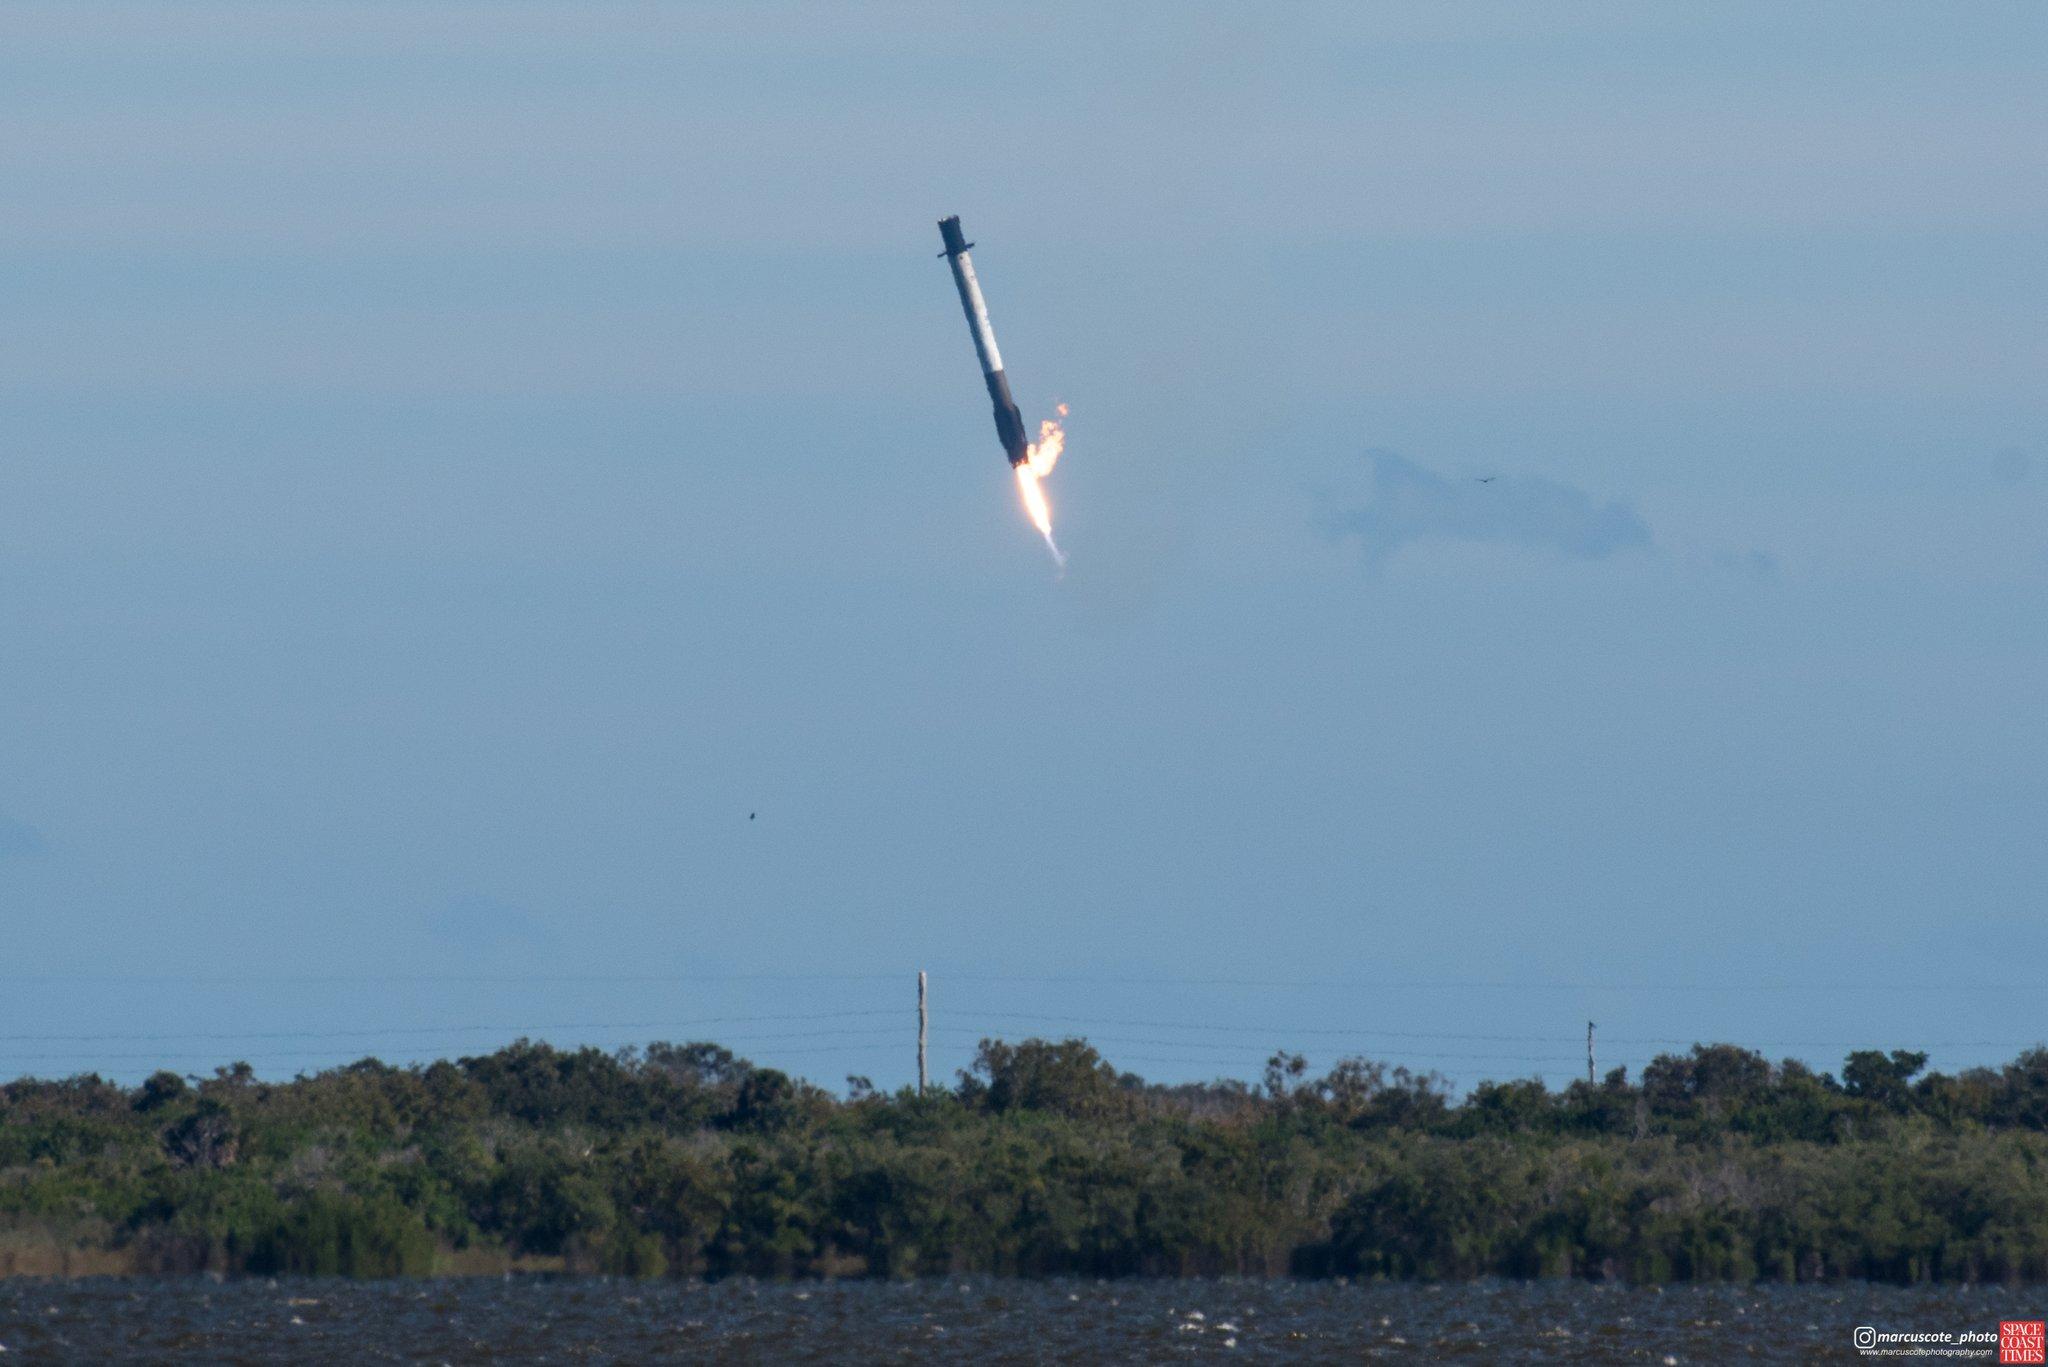 Миссия SpaceX CRS-16 для NASA проходит успешно. Неудачная попытка посадить 1-ю ступень Falcon 9 - 1